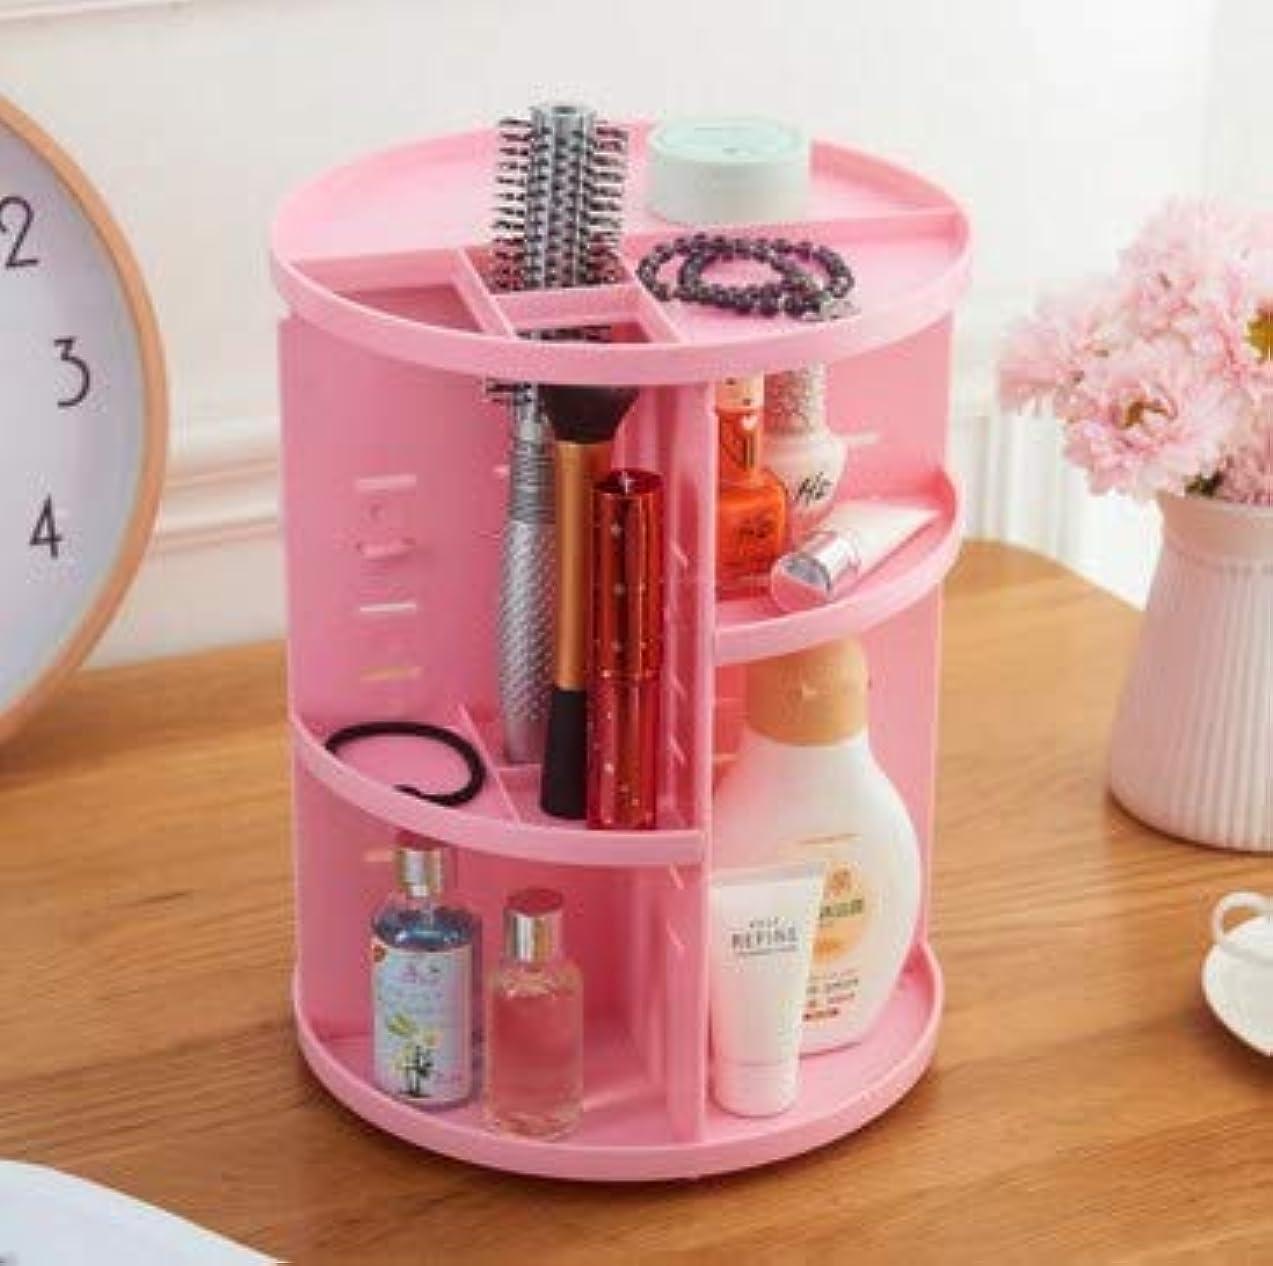 少年影響前兆デスクトップロータリー収納ボックス多機能プラスチックバスルーム仕上げボックス化粧品収納ボックス (Color : ピンク)